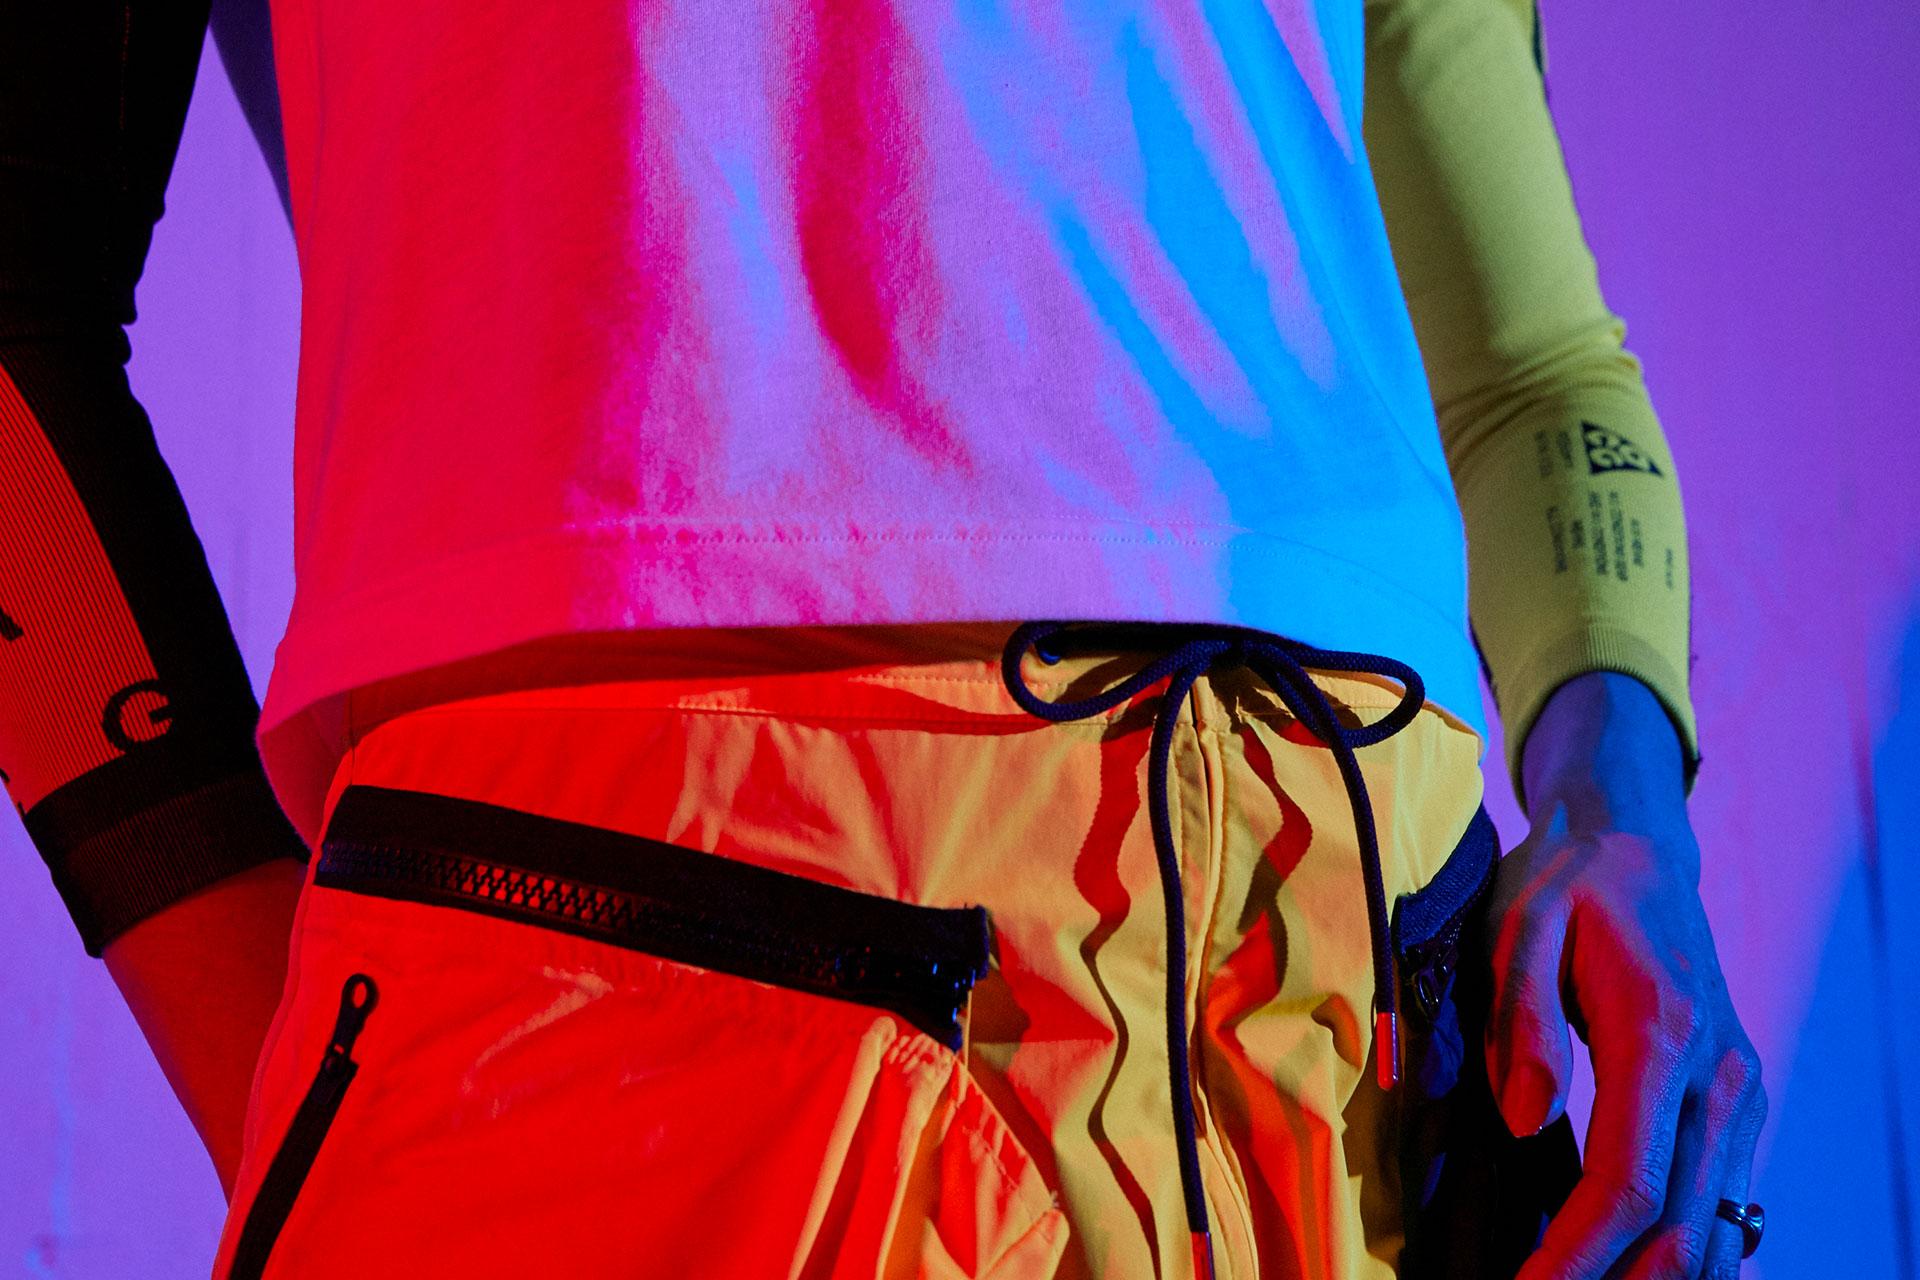 NikeLabACG_Summer18_0223-nike23330g_original